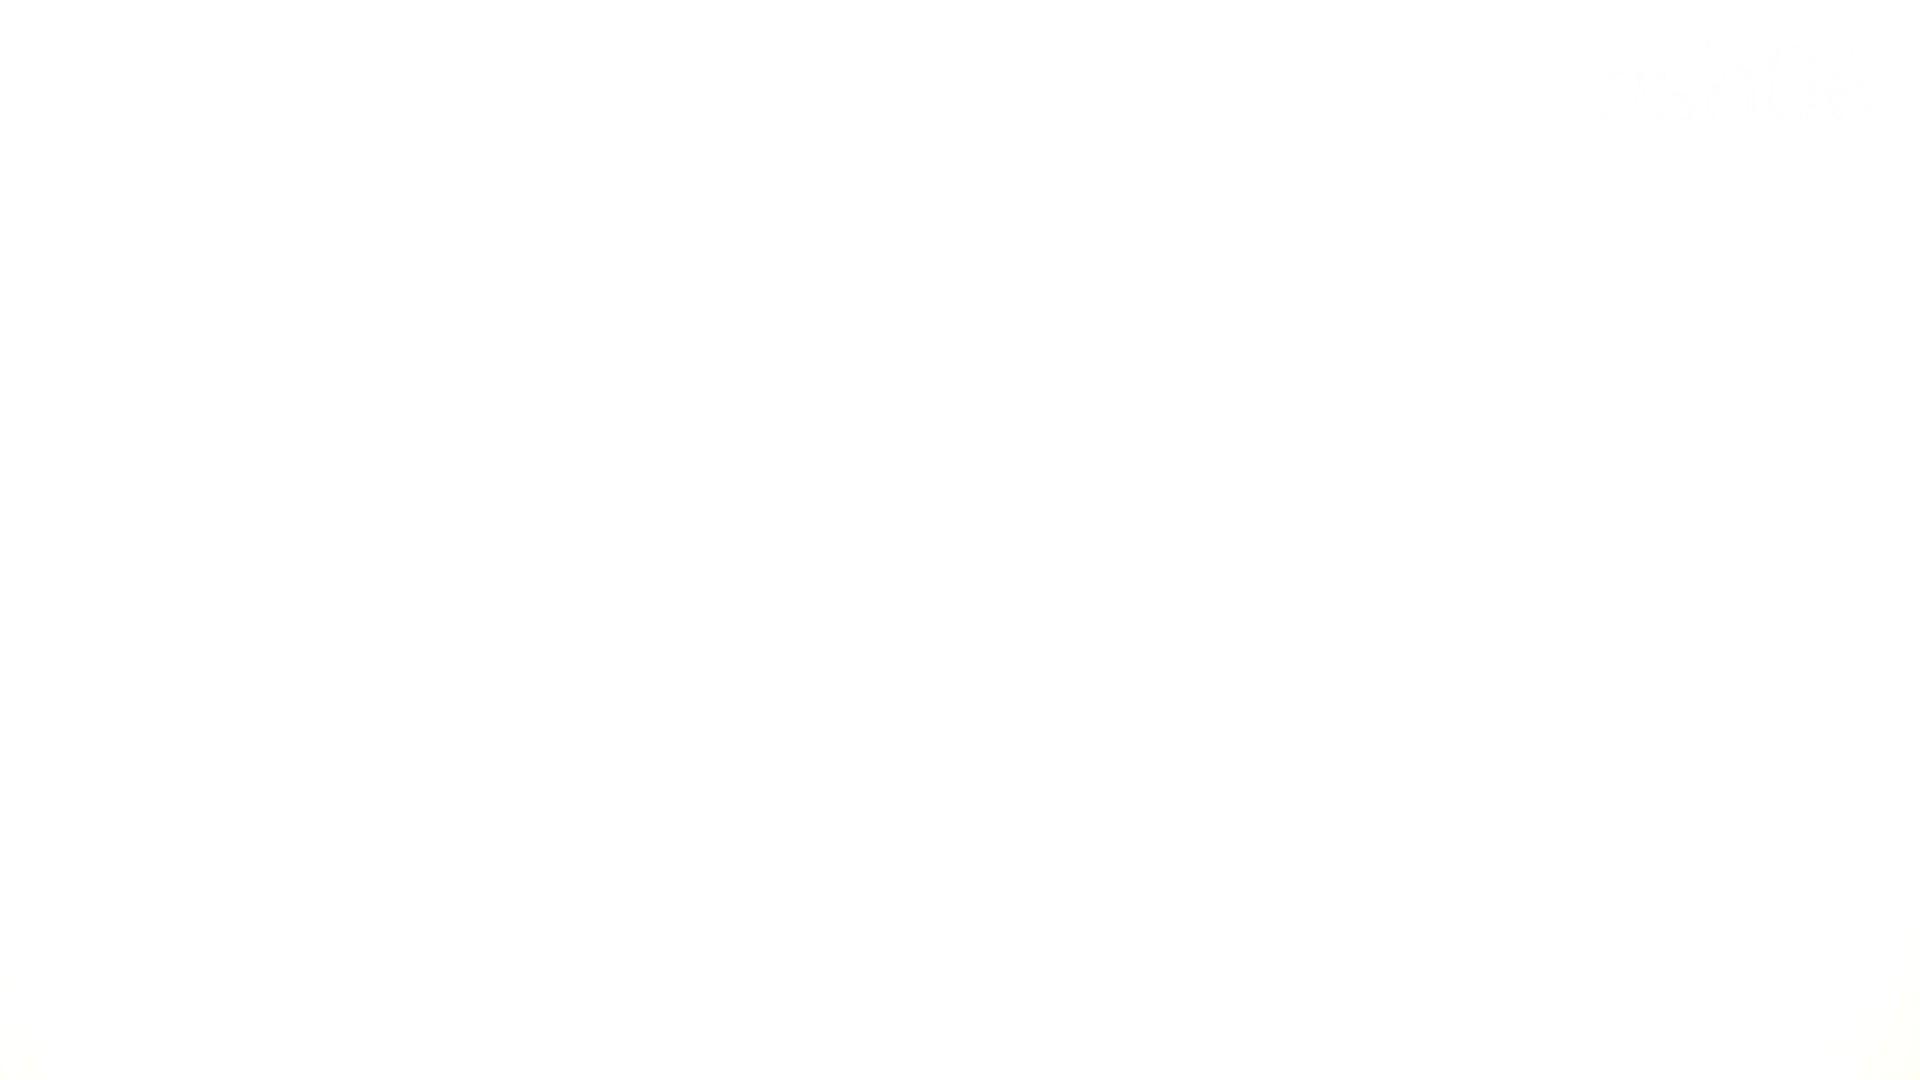 ▲復活限定▲ハイビジョン 盗神伝 Vol.6 洗面所シーン オマンコ動画キャプチャ 54画像 8